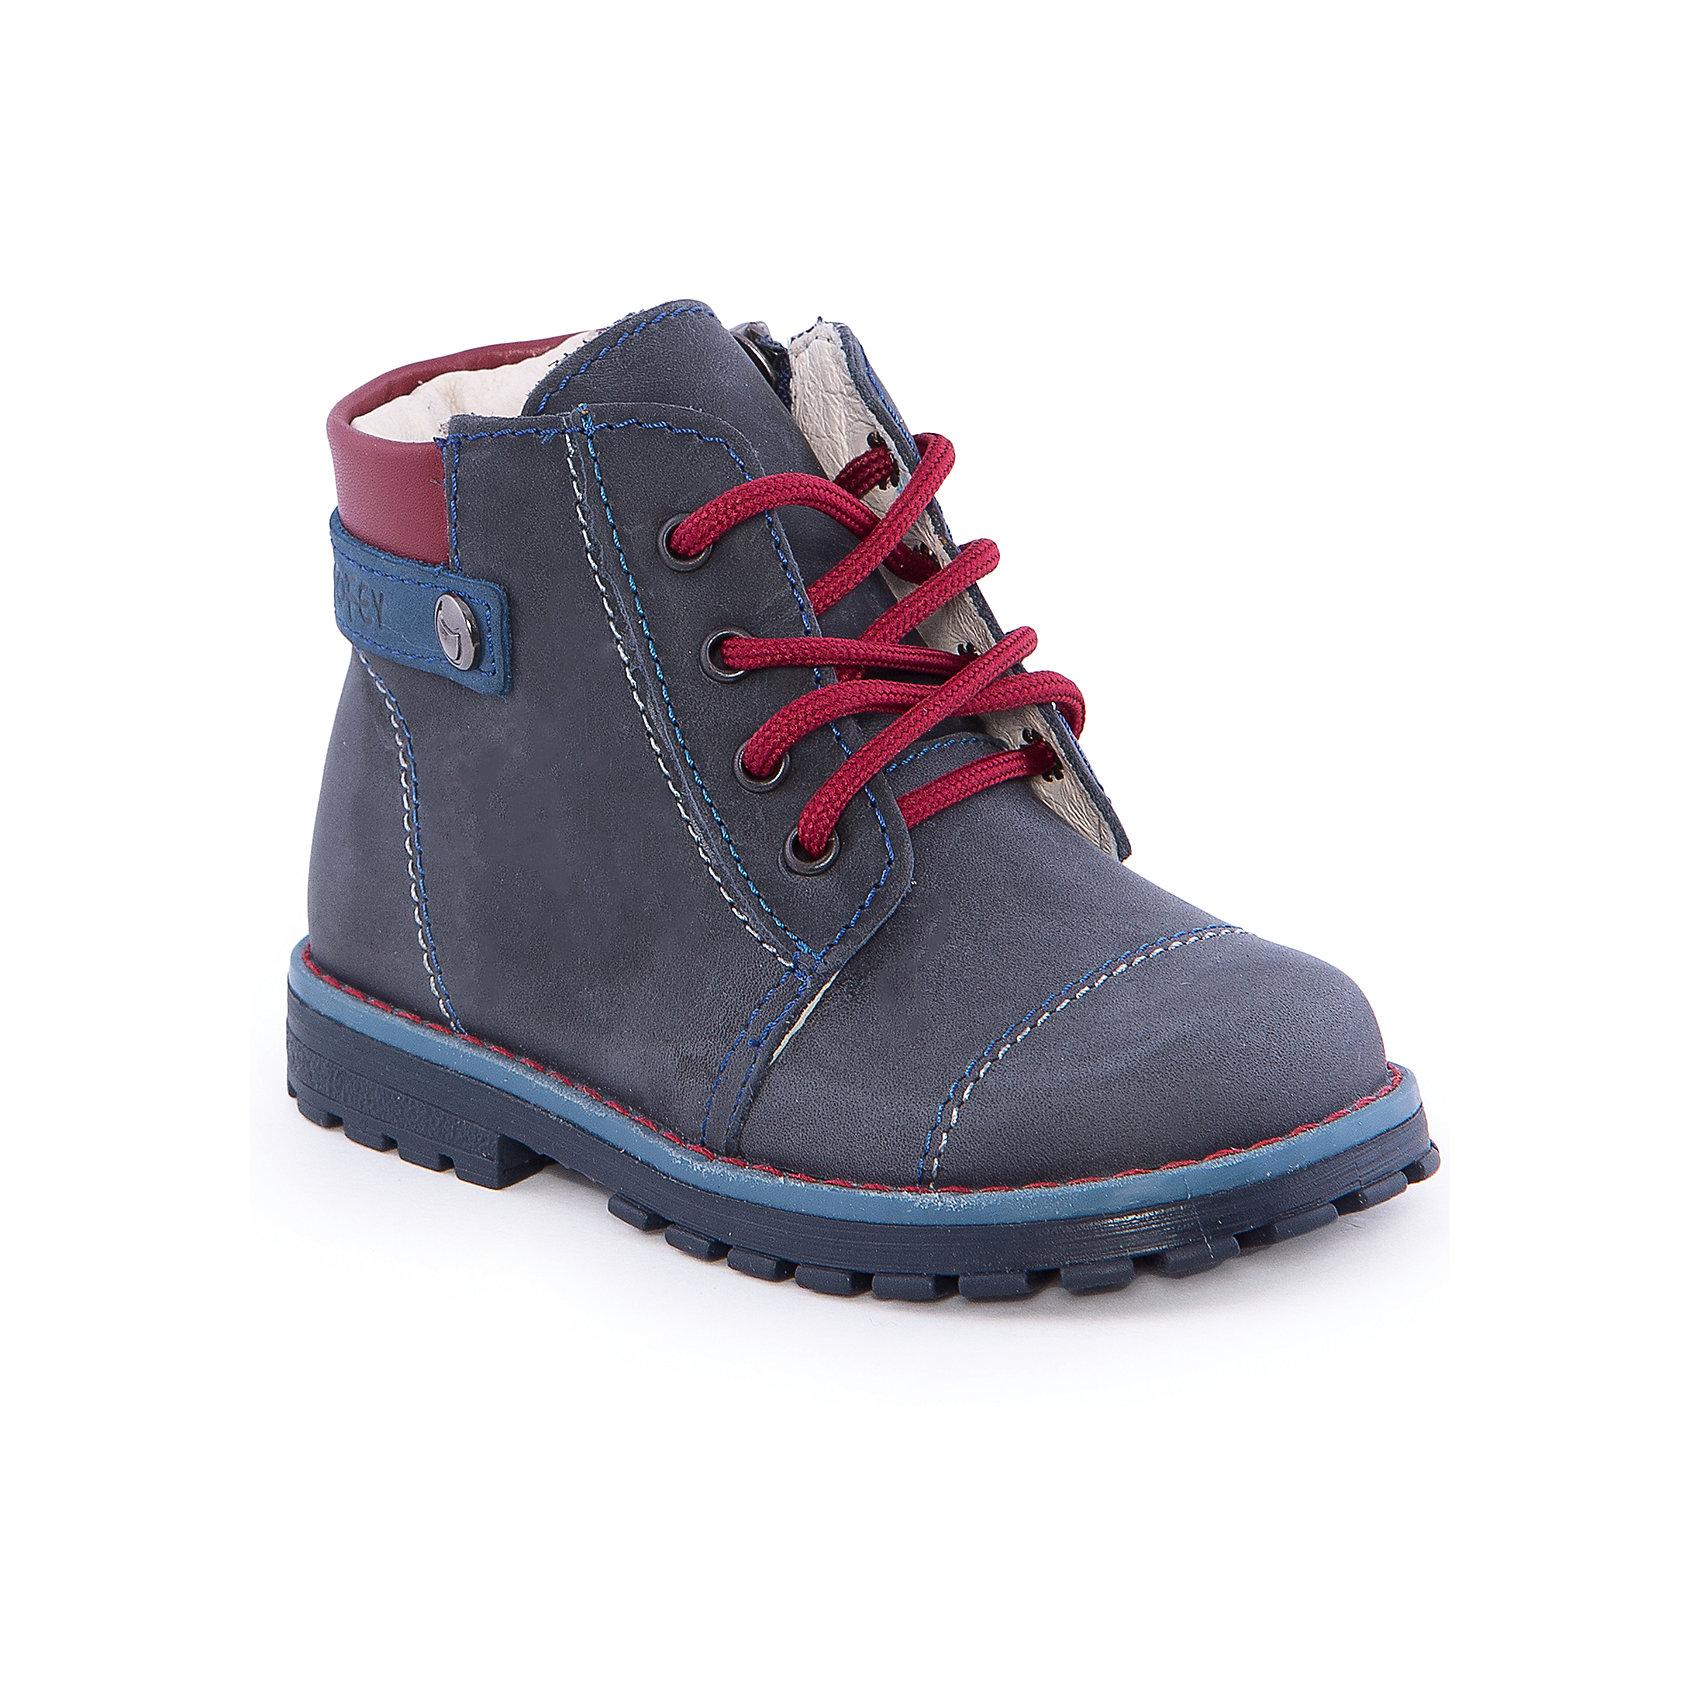 Ботинки для мальчика КотофейБотинки для мальчика от известного российского бренда Котофей <br><br>Удобные ботинки изготовлены из натуральной кожи, выполнены в универсальном синем цвете. <br>Верх сделан из материала, обеспечивающего ногам комфорт. Толстая рифленая подошва позволяет избегать скольжения практически на любой поверхности.<br><br>Особенности модели:<br><br>- цвет: синий;<br>- устойчивая подошва;<br>- декорированы красными элементами;<br>- застежка: молния, шнуровка;<br>- вид крепления обуви: клеевой;<br>- анатомическая стелька;<br>- качественные материалы;<br>- защита пальцев и пятки;<br>- модный дизайн.<br><br>Дополнительная информация:<br><br>Температурный режим: от 0° до +15°С.<br><br>Состав: <br><br>верх - натуральная кожа;<br>подкладка - натуральная кожа;<br>подошва - ТЭП.<br><br>Ботинки для мальчика Котофей можно купить в нашем магазине.<br><br>Ширина мм: 262<br>Глубина мм: 176<br>Высота мм: 97<br>Вес г: 427<br>Цвет: синий<br>Возраст от месяцев: 18<br>Возраст до месяцев: 21<br>Пол: Мужской<br>Возраст: Детский<br>Размер: 23,24,25,26<br>SKU: 4565631